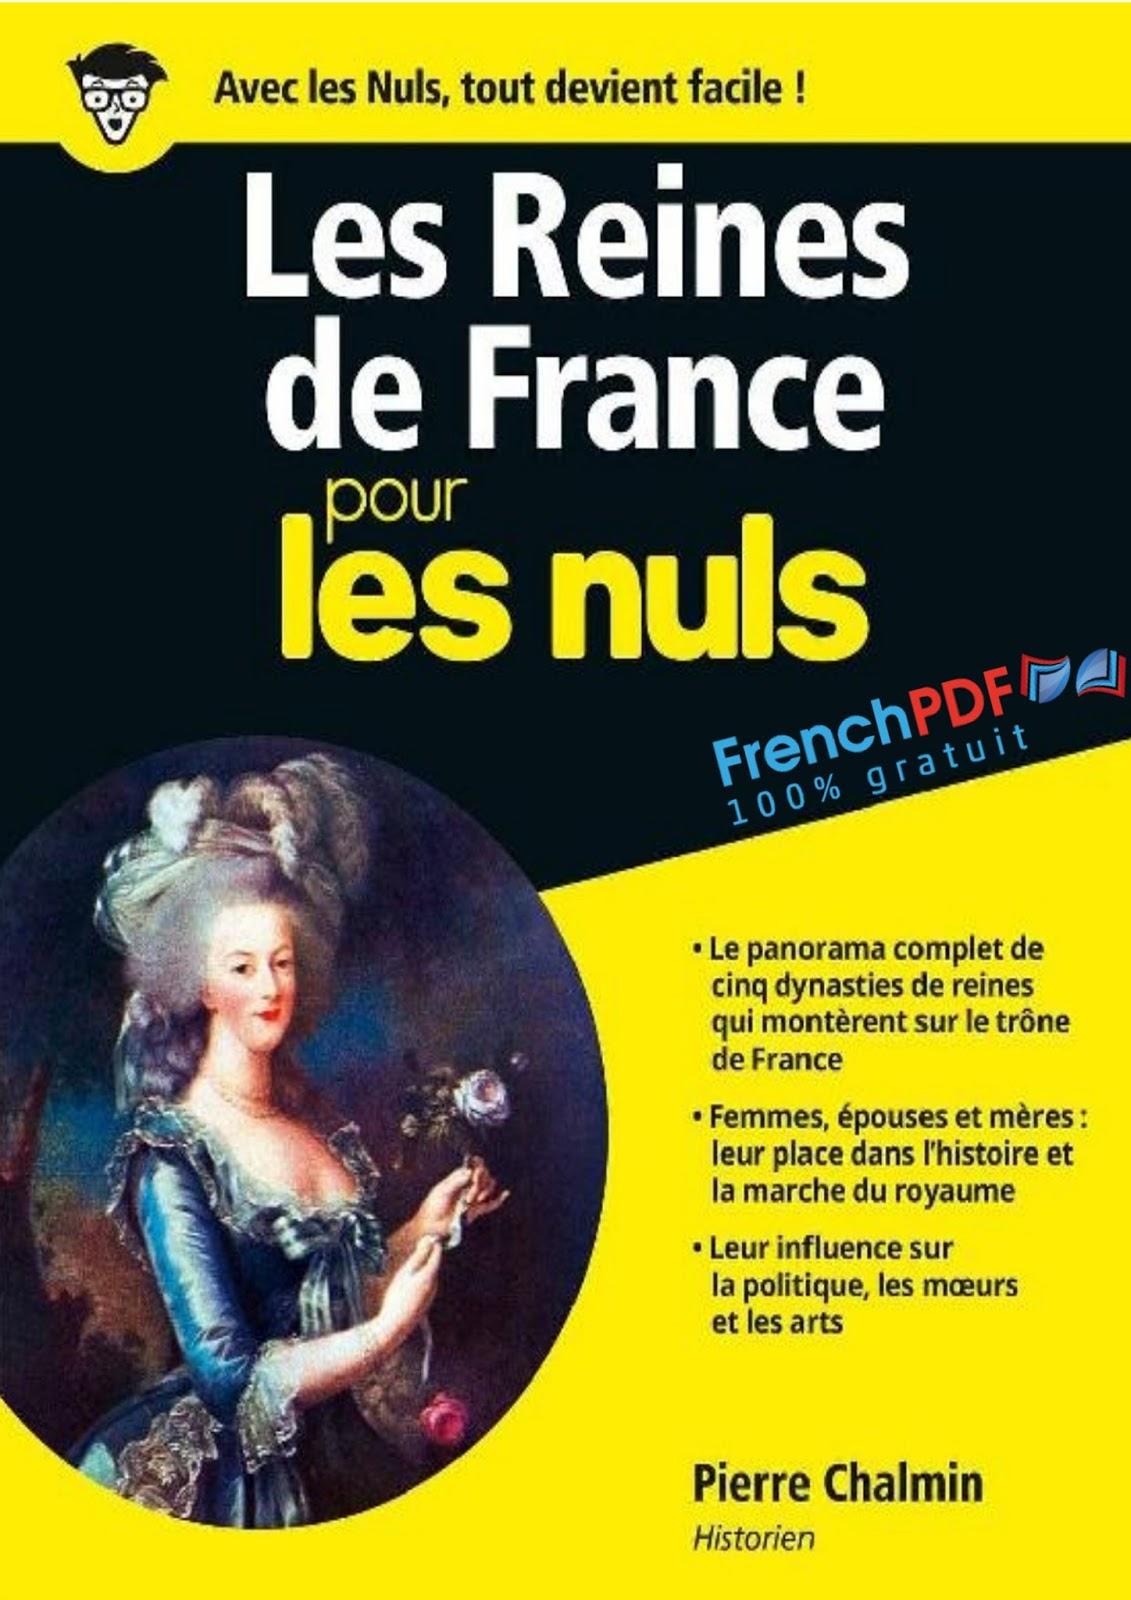 L'histoire De France Pour Les Nuls Pdf : l'histoire, france, Reines, France, Gratuit